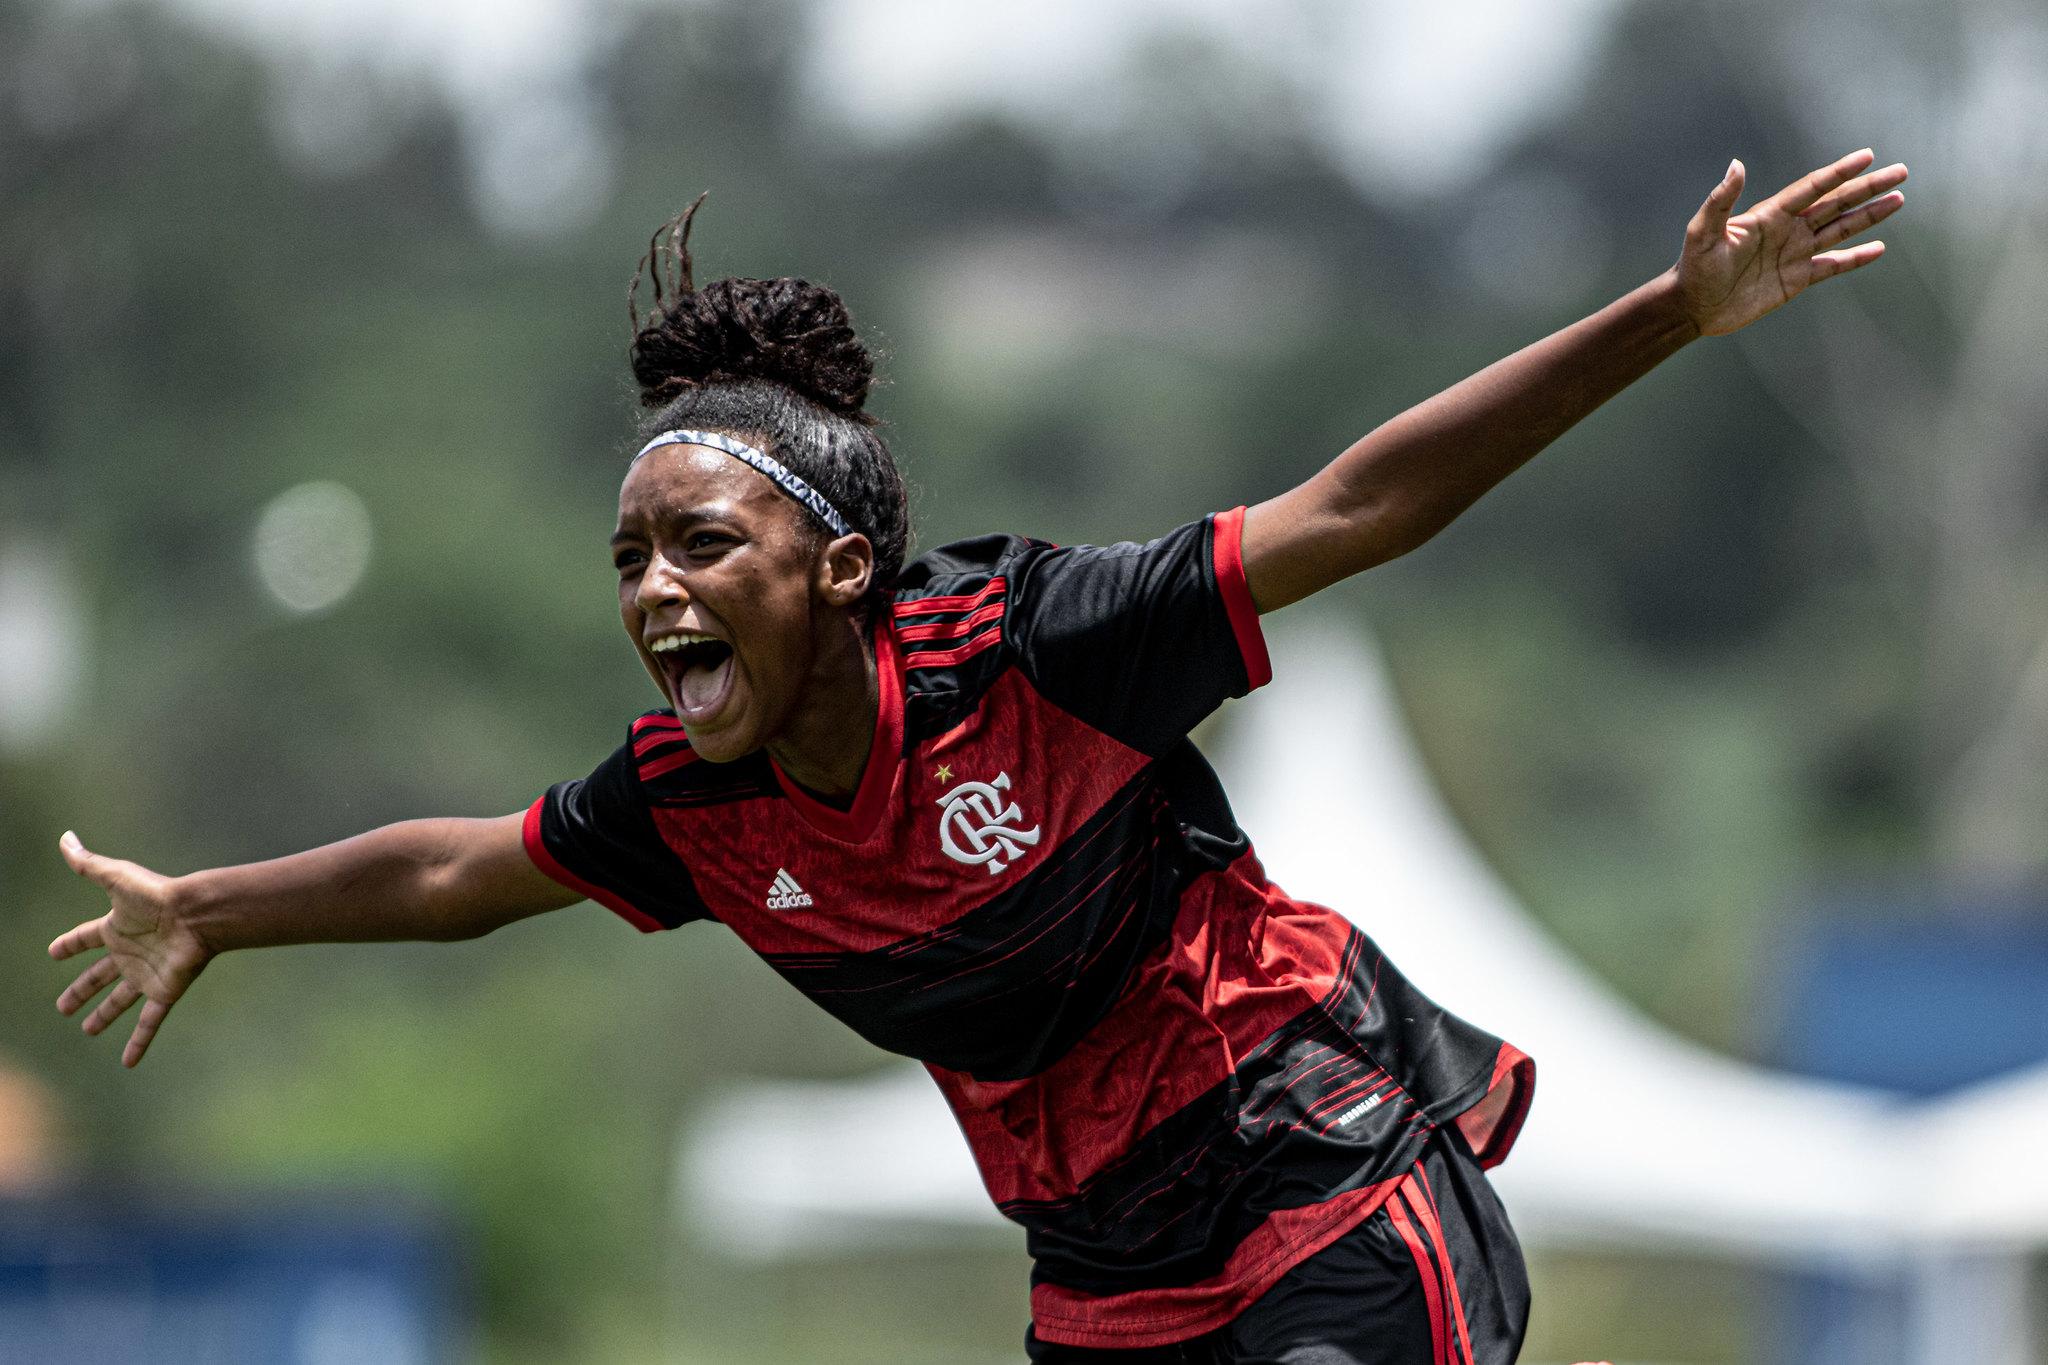 Flamengo confirma favoritismo e vence o Fortaleza por 3 a 1   Fotos: Adriano Fontes / CBF